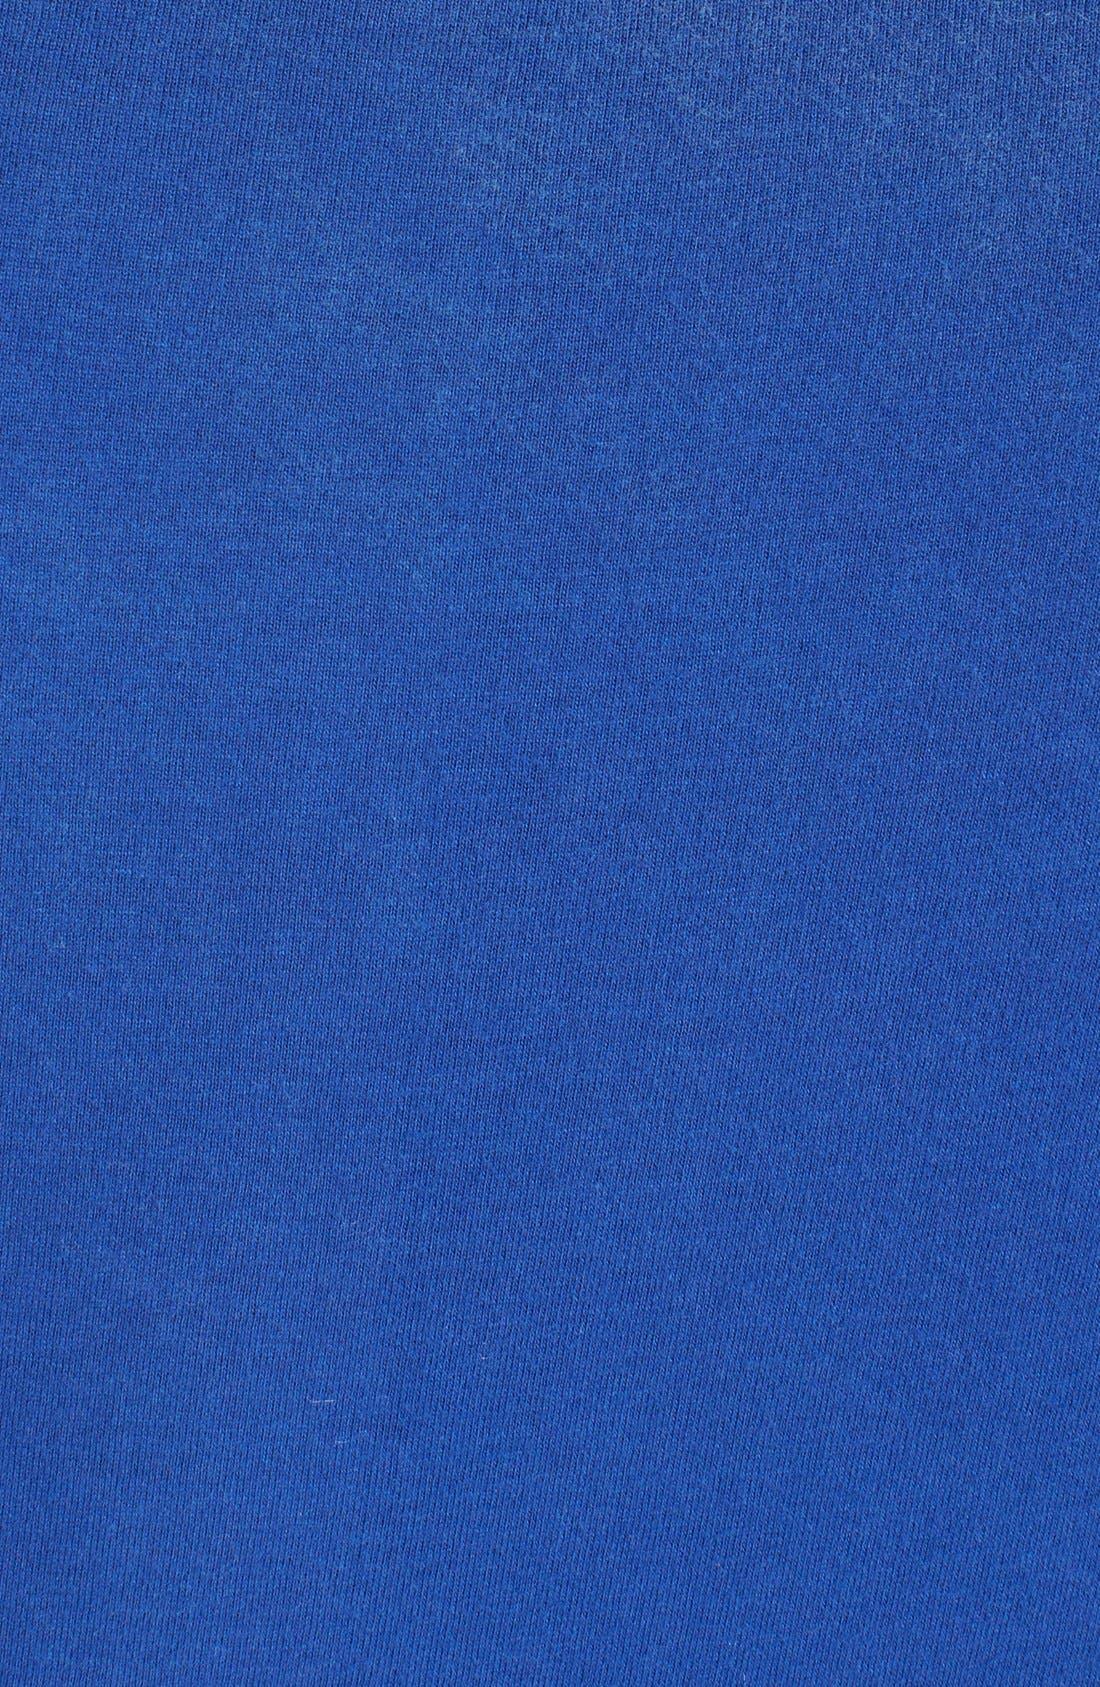 Alternate Image 3  - Red Jacket 'Deadringer - New York Rangers' T-Shirt